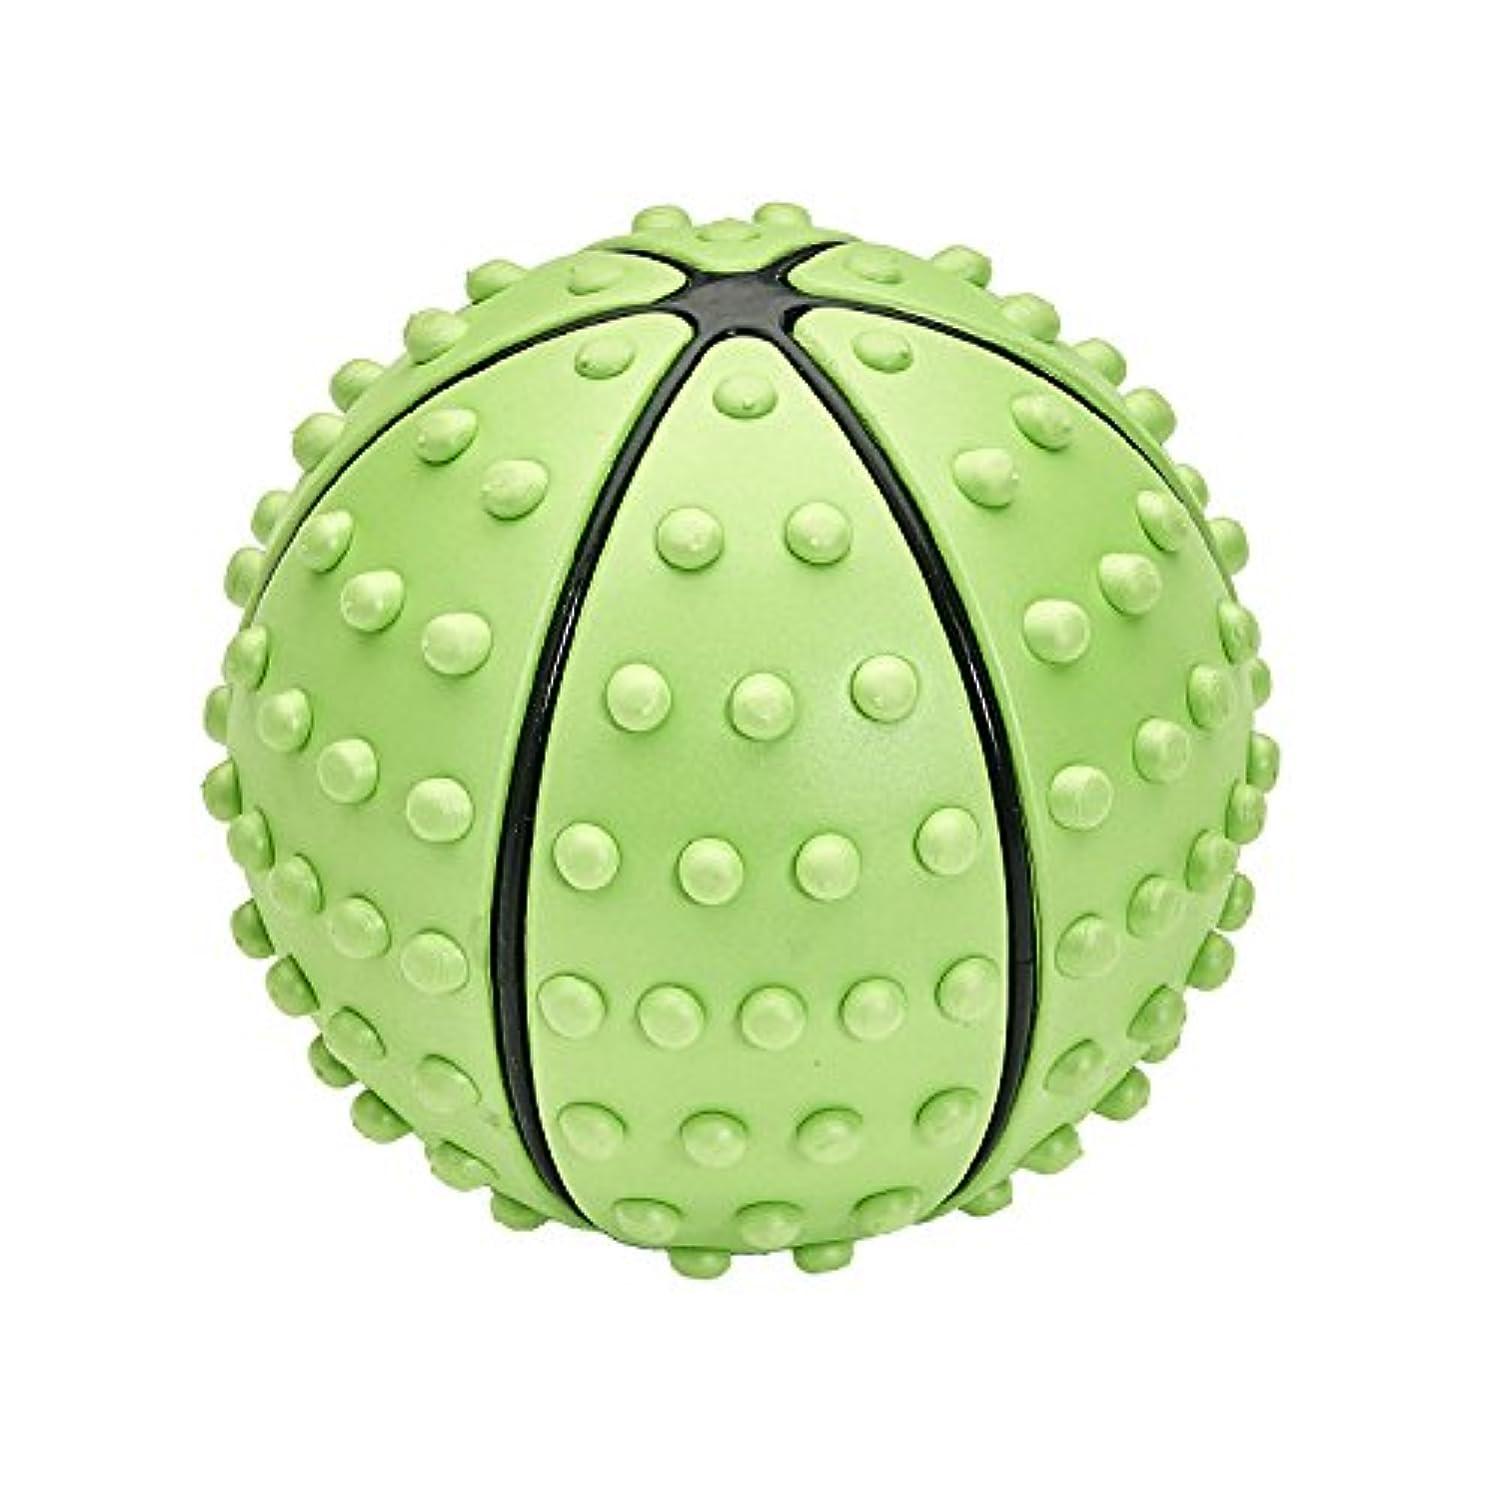 うつ建てる幸福IRONMAN CLUB(鉄人倶楽部) 指圧 ストレッチ ボール KW-900 リフレッシュ トレーニング こりほぐし